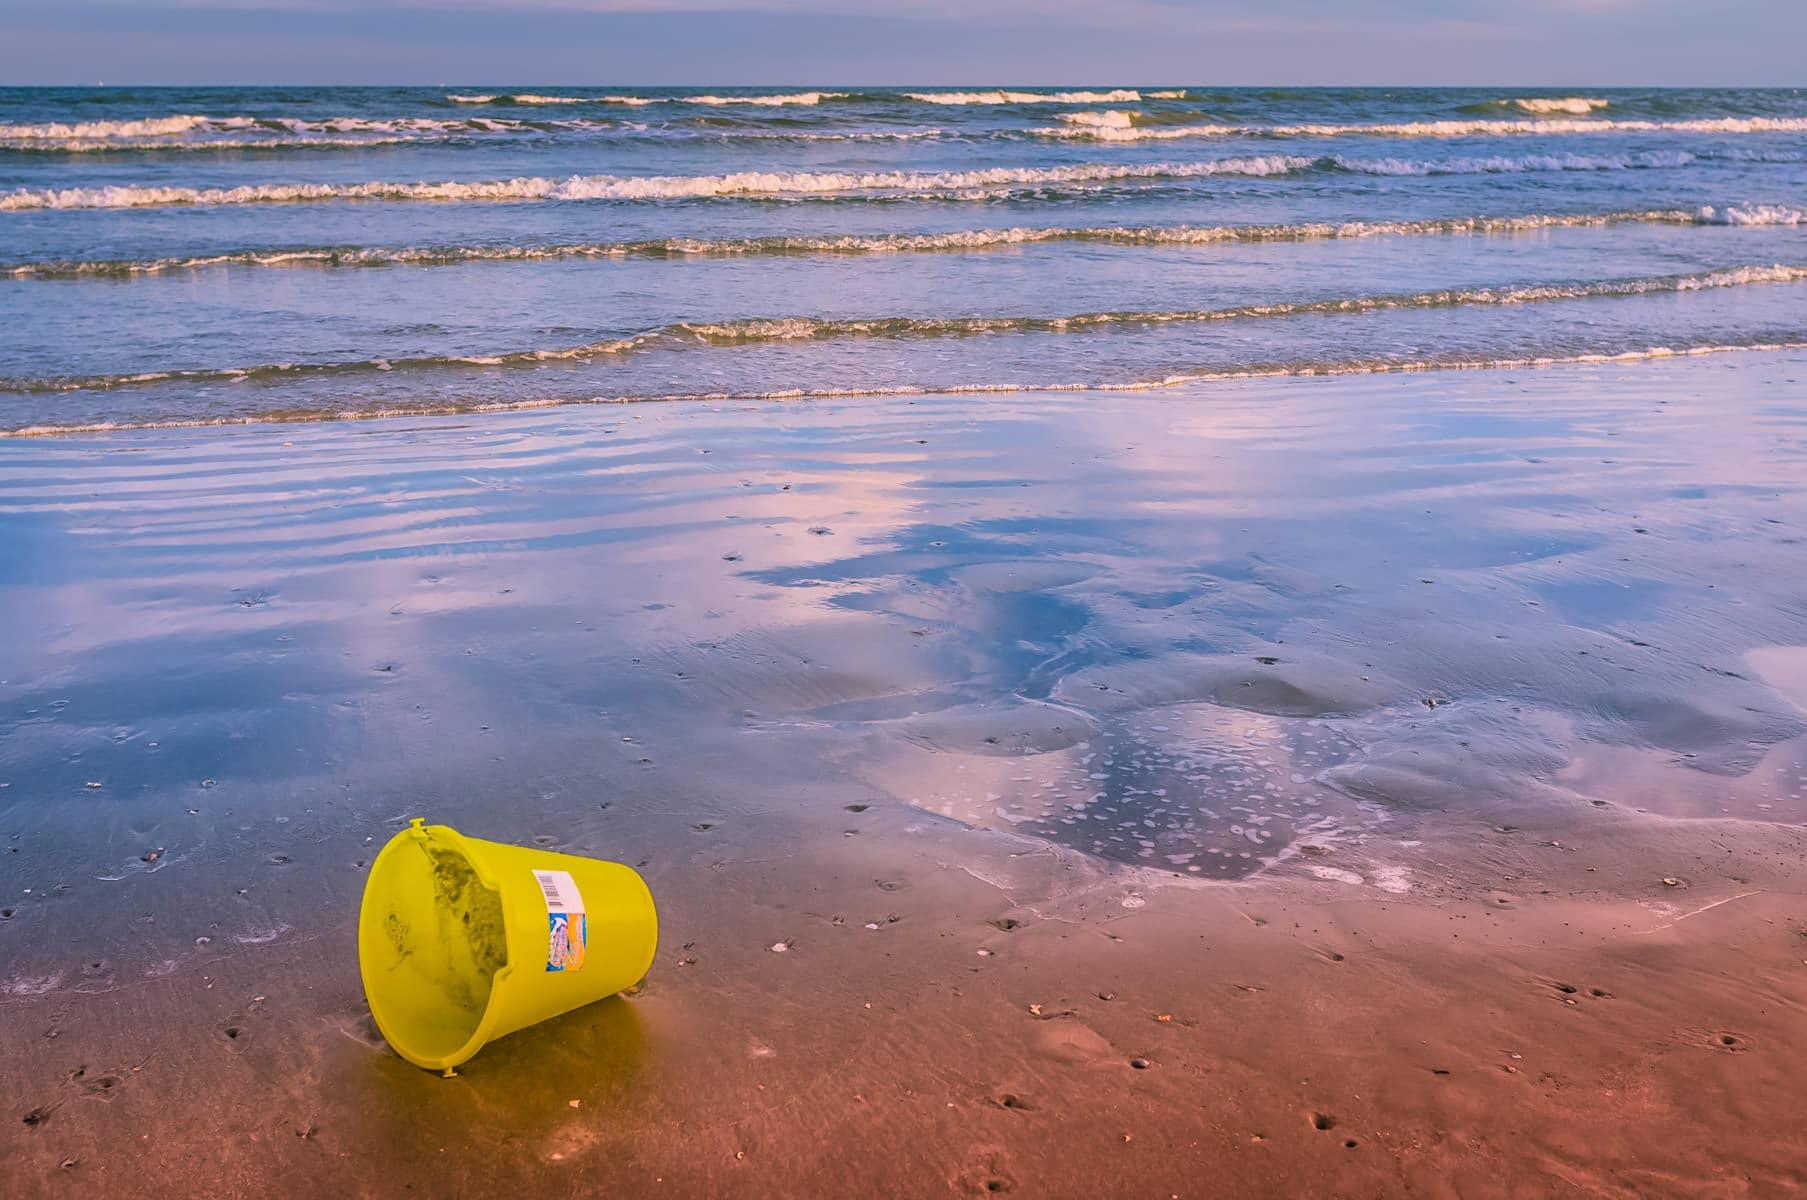 A lonely sand bucket on the Galveston Island, Texas beach.